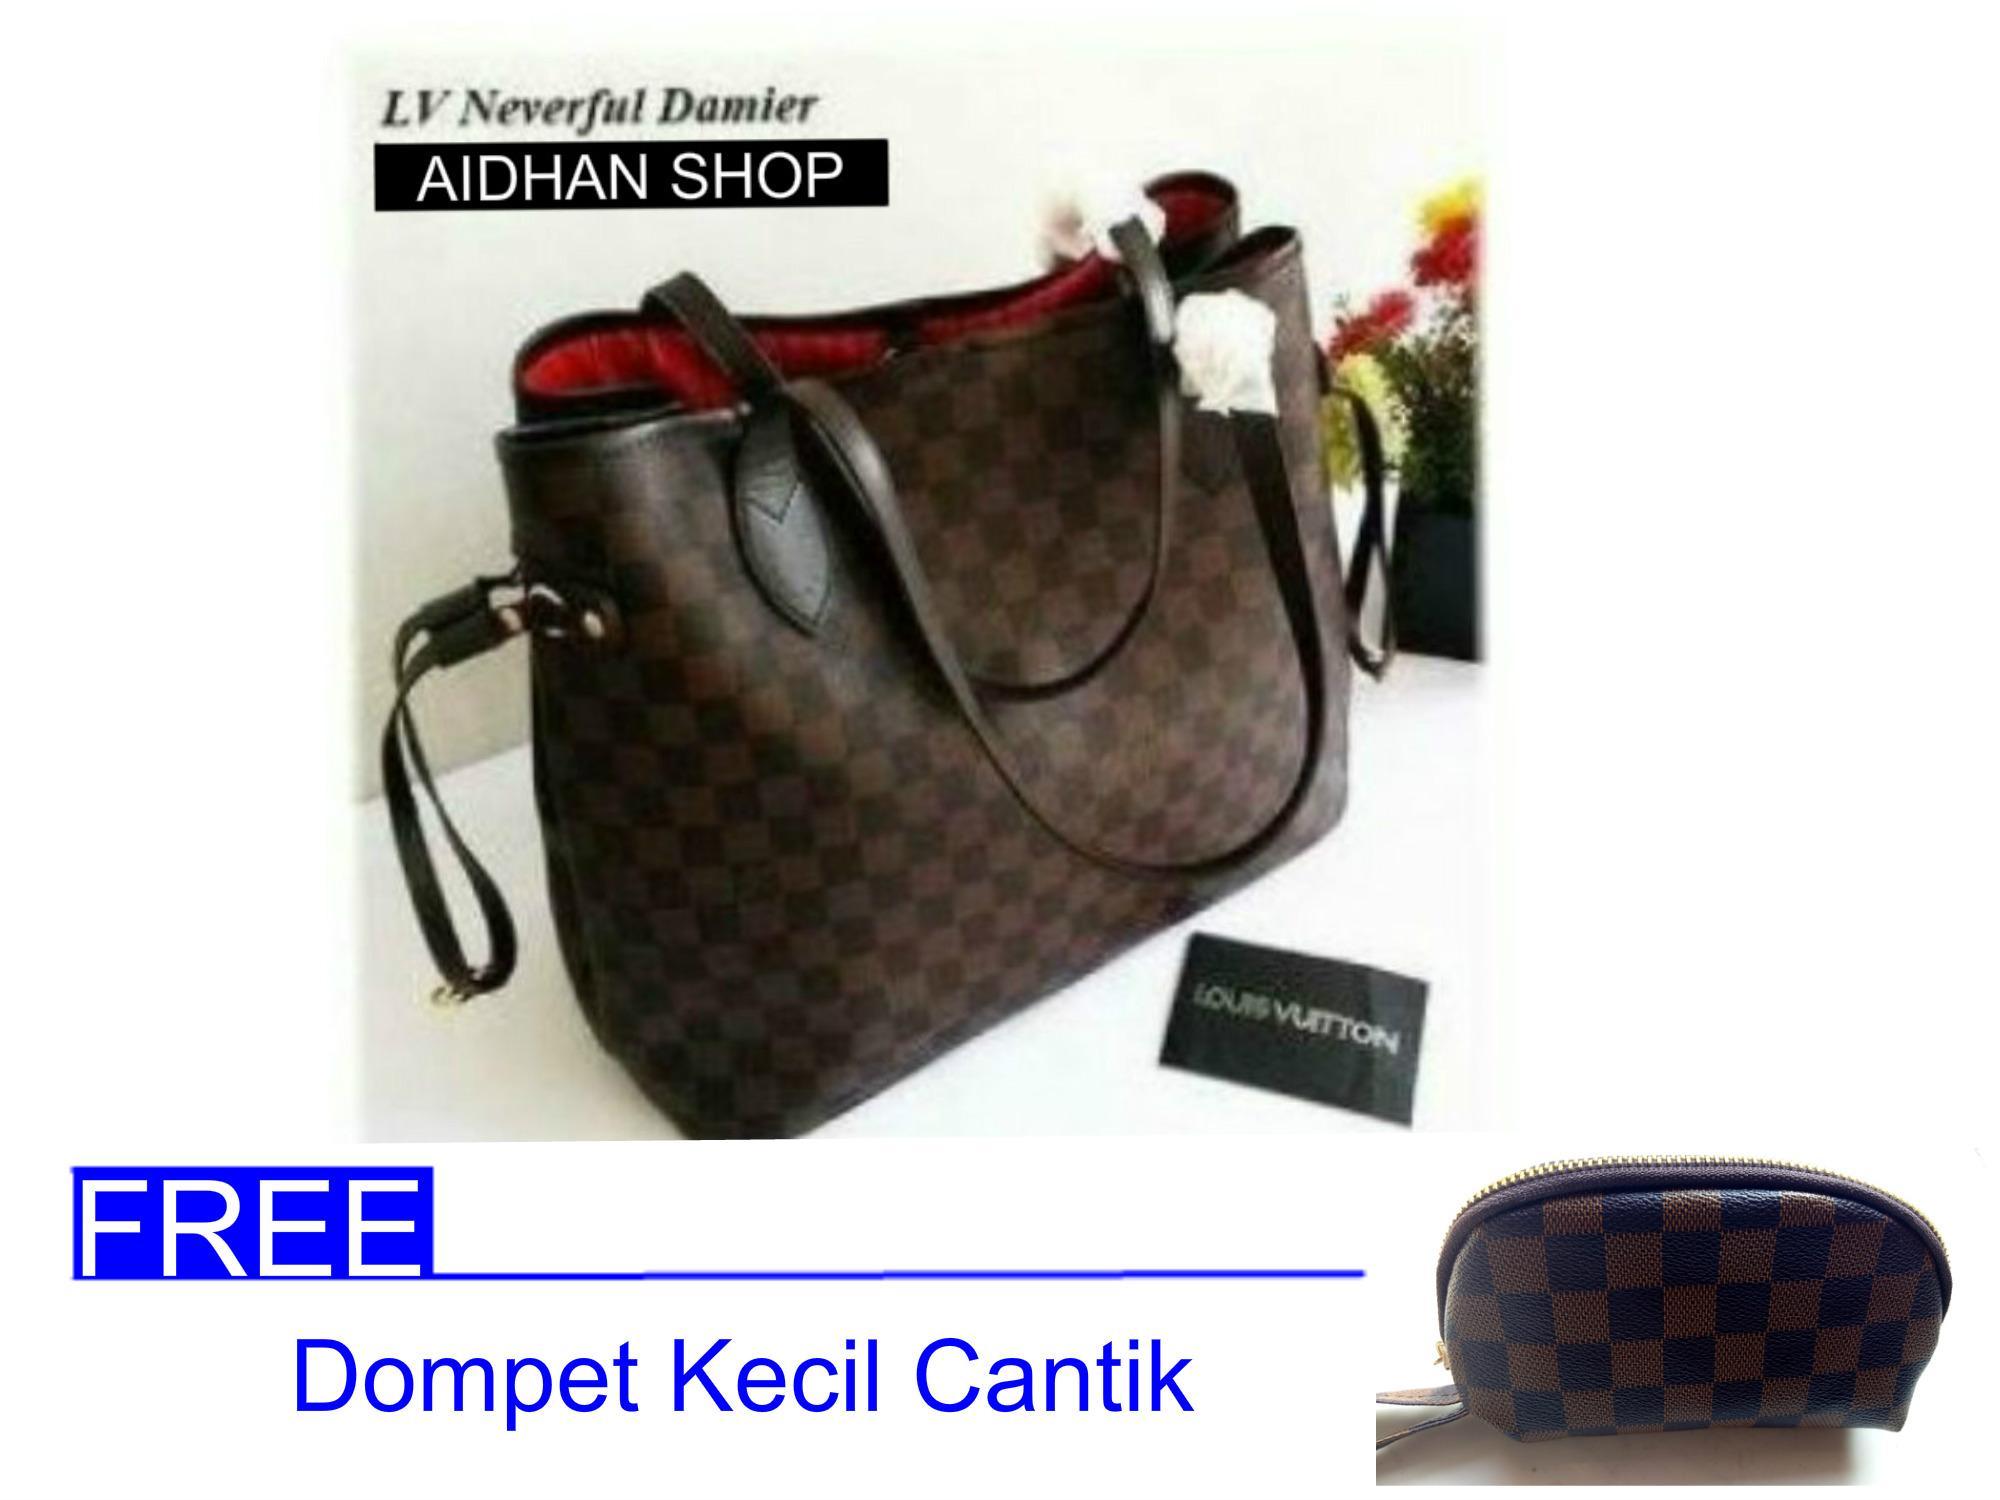 Jual Tas Top Handle Bag Terlengkap Wanita Hand Lv Alma Mini Cantik Neverfull Free Dompet Uk 33x15x28 Monogram Damier